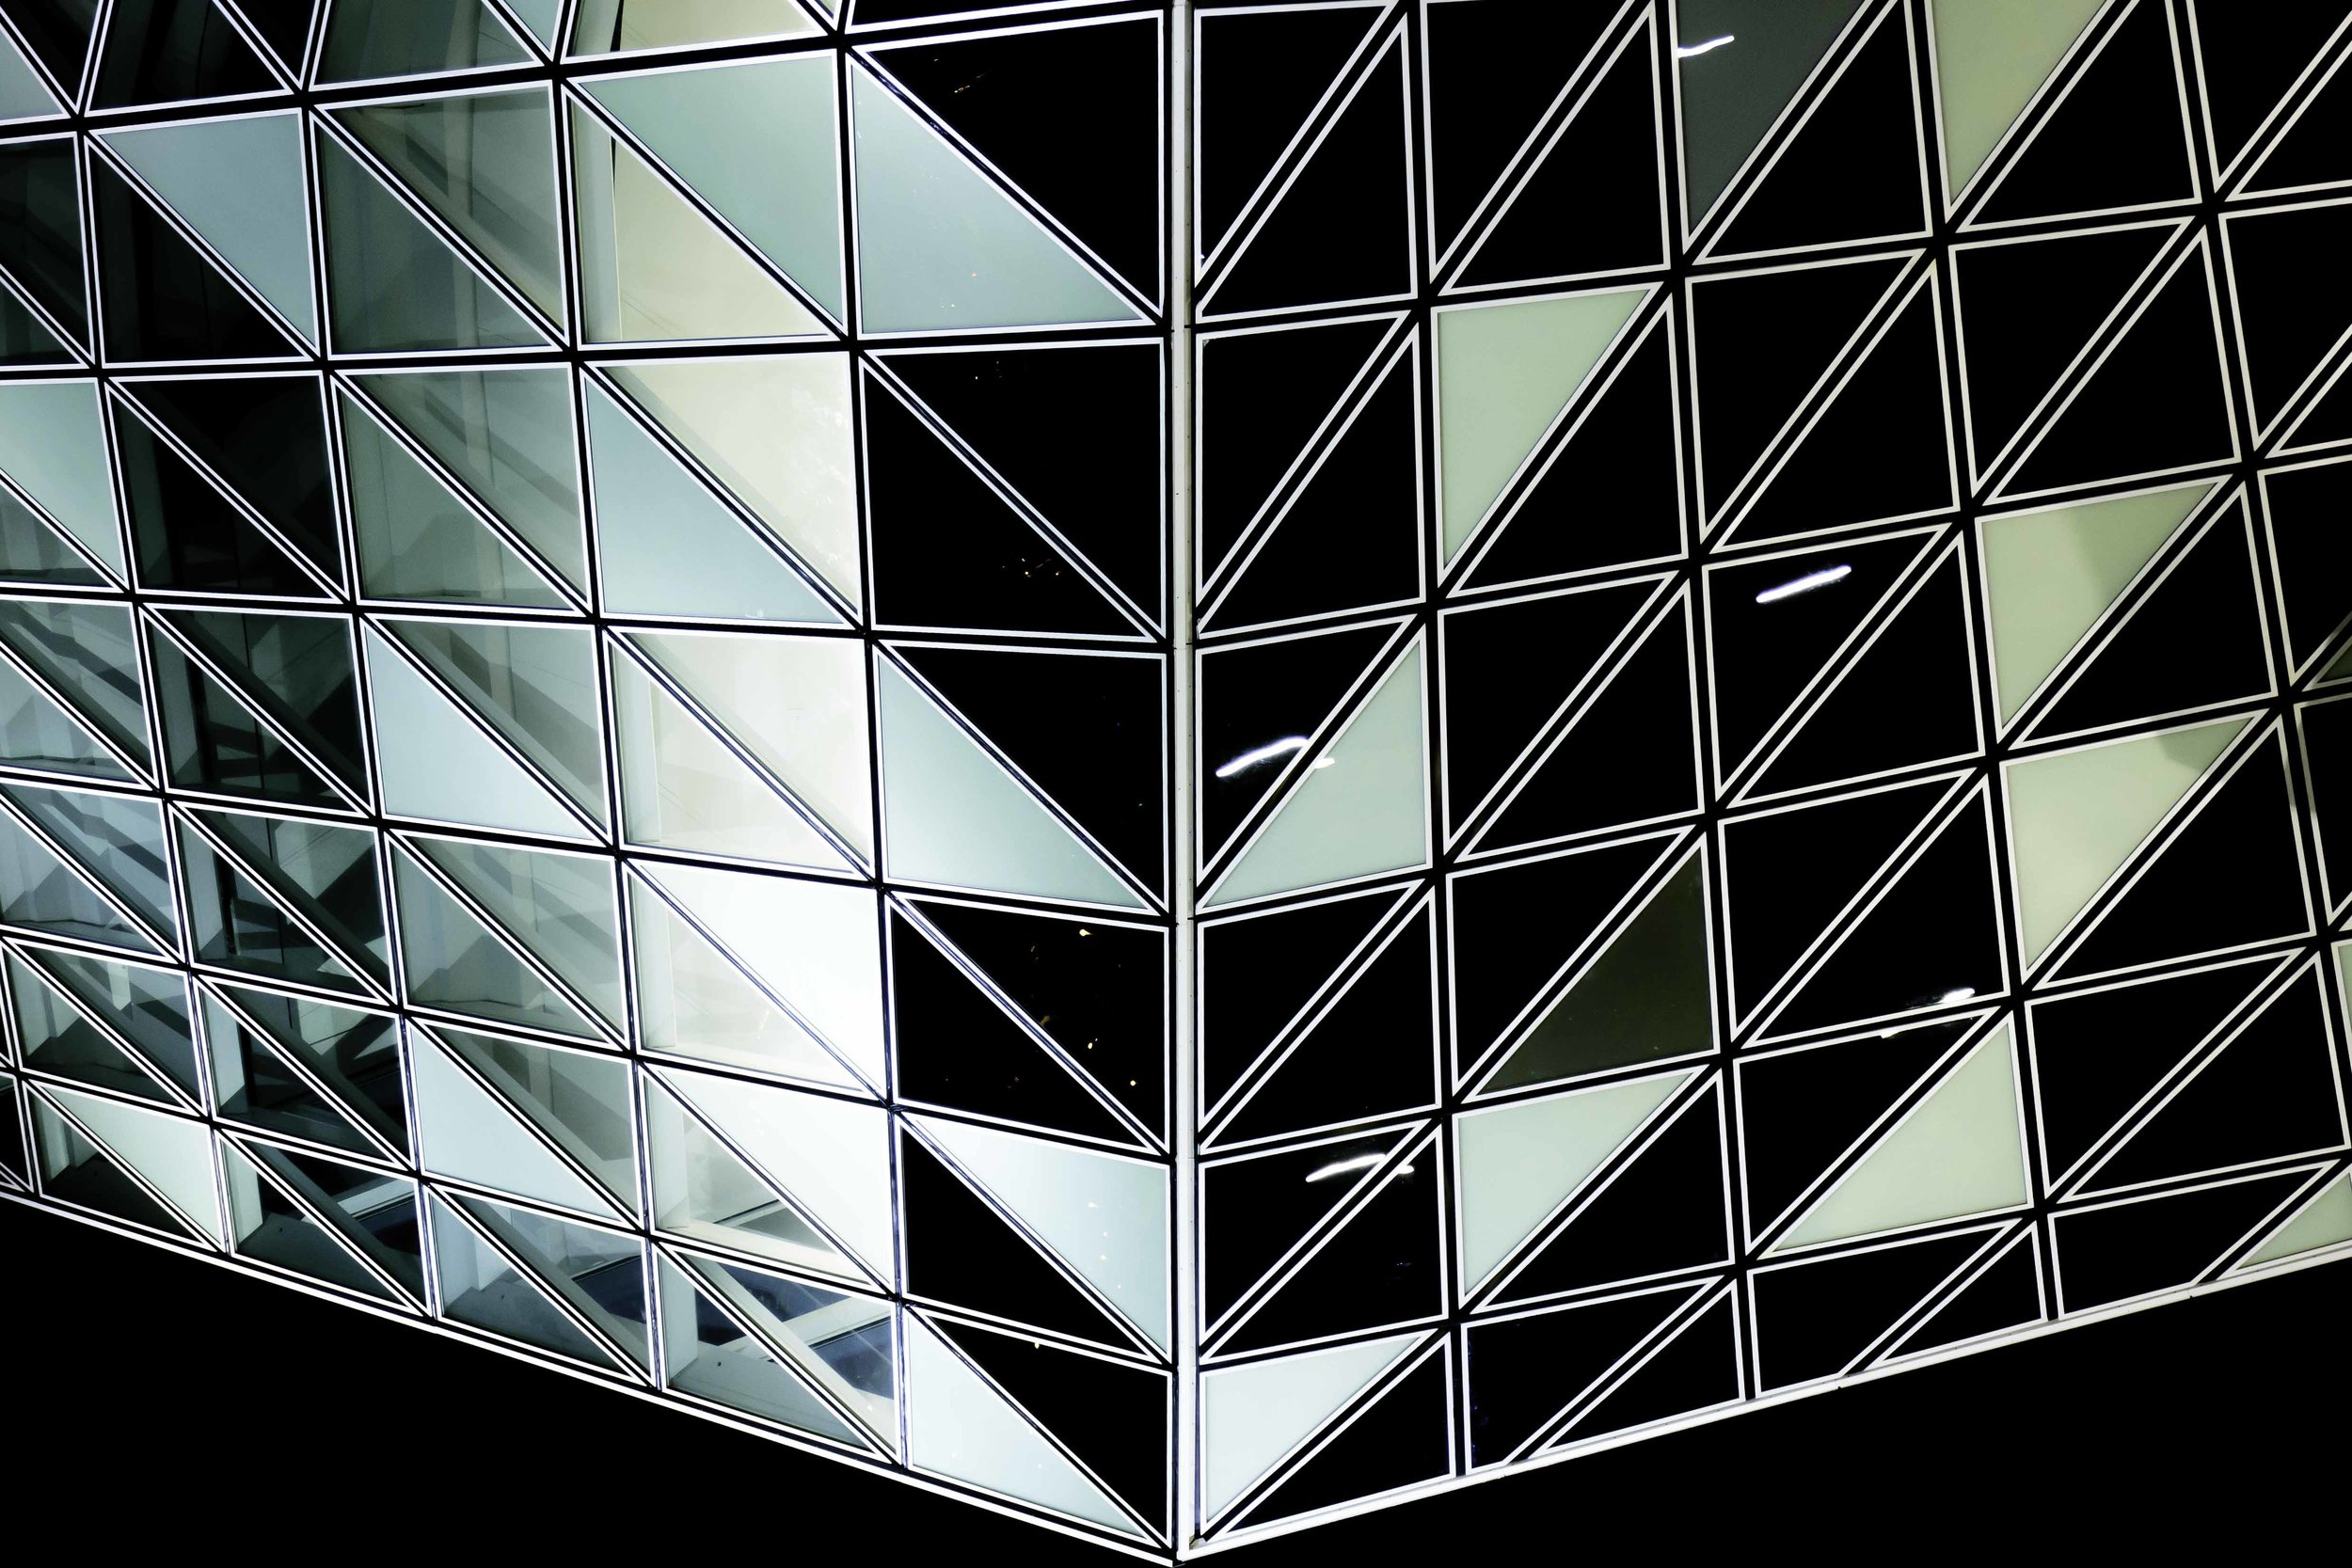 viewfinder-havenhuis-van-antwerpen-nog-anders-bekeken-symmetrie